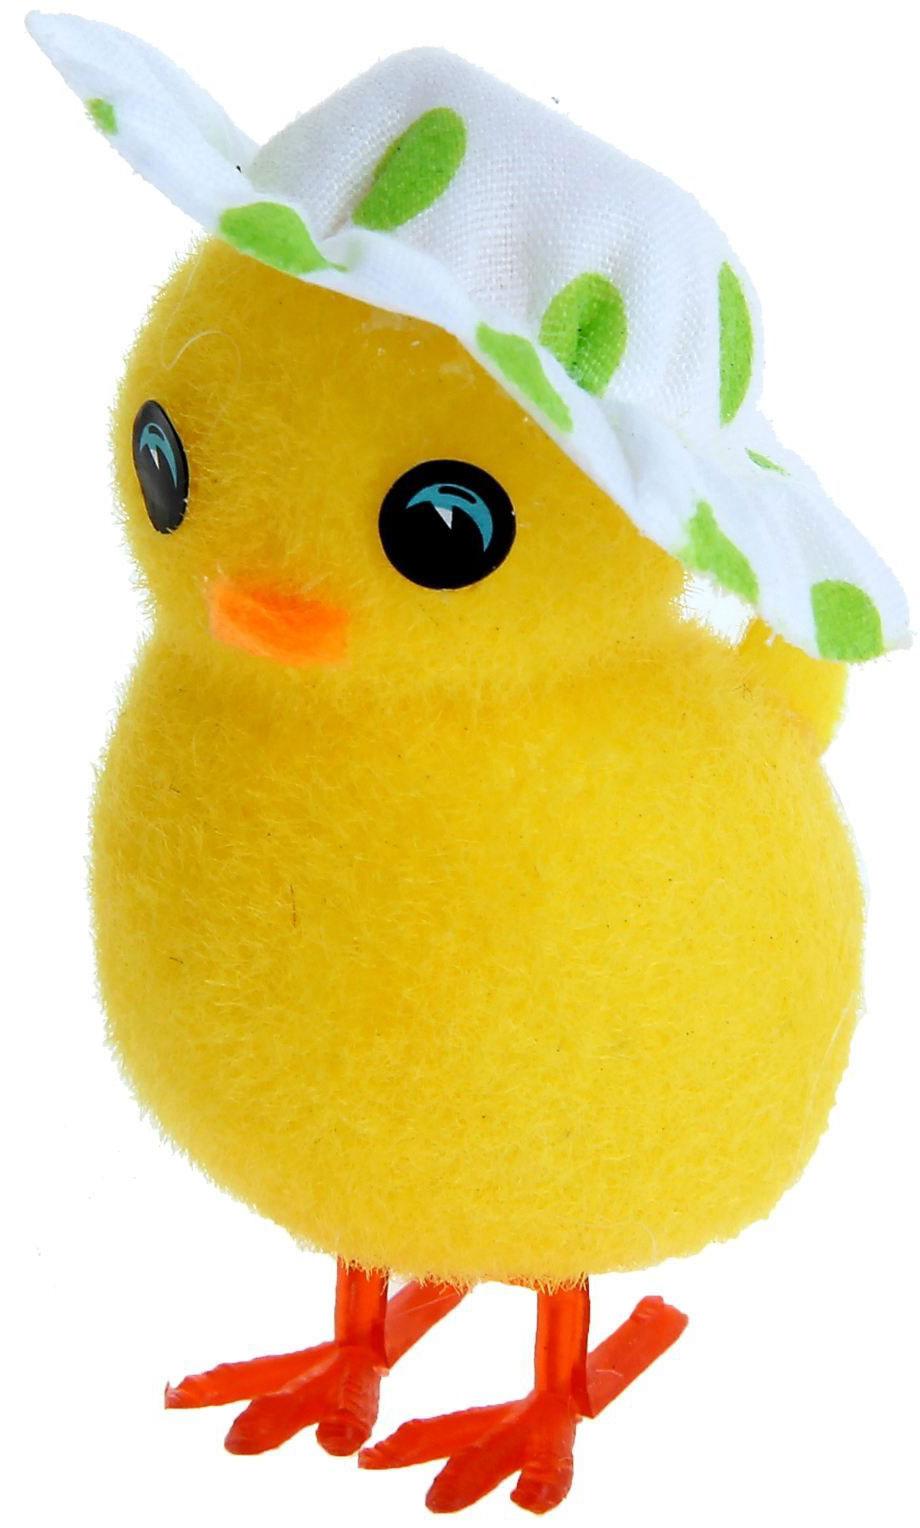 Сувенир пасхальный Sima-land Цыпа в шляпке, 4,3 х 2,8 х 6,8 см918703Дарить подарки на Пасху – это такая же традиция, как красить яйца и выпекать куличи. Презенты вдвойне приятнее, если они несут в себе сакральный смысл и имеют какое-то значение.Сувенир Цыплёнок в шляпке, цвета МИКС - это символ возрождения и непрерывности жизни. С его помощью вы сможете украсить жилище, преподнести его близкому человеку или использовать при сервировке стола всю пасхальную неделю. Кроме того, пасхальные цыплята нравятся маленьким деткам.